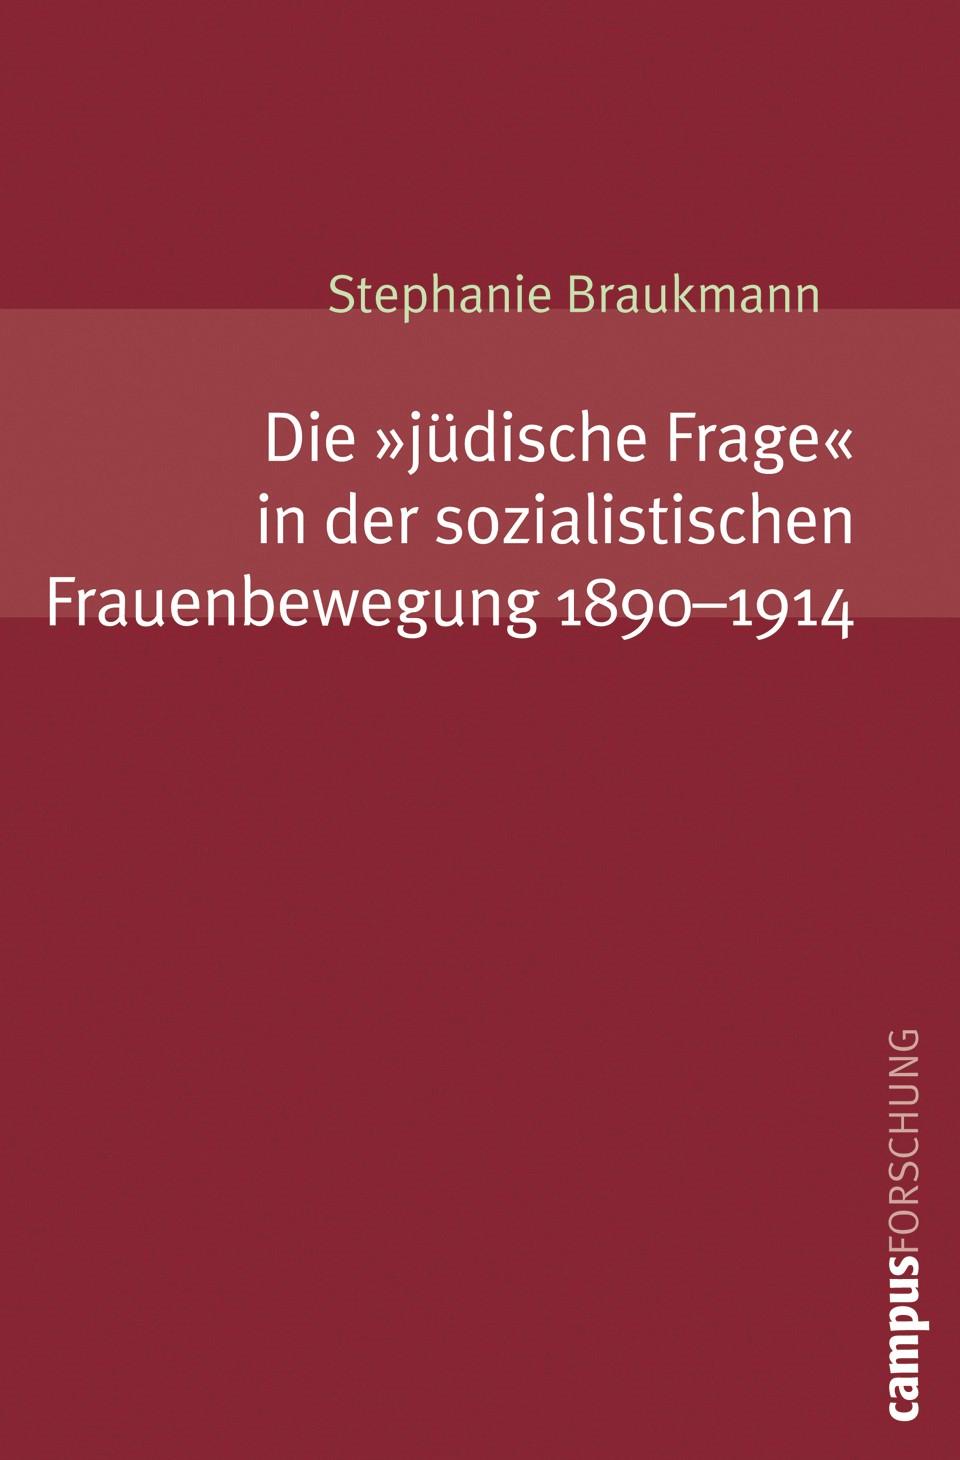 Die »jüdische Frage« in der sozialistischen Frauenbewegung 1890-1914 | Braukmann, 2007 | Buch (Cover)